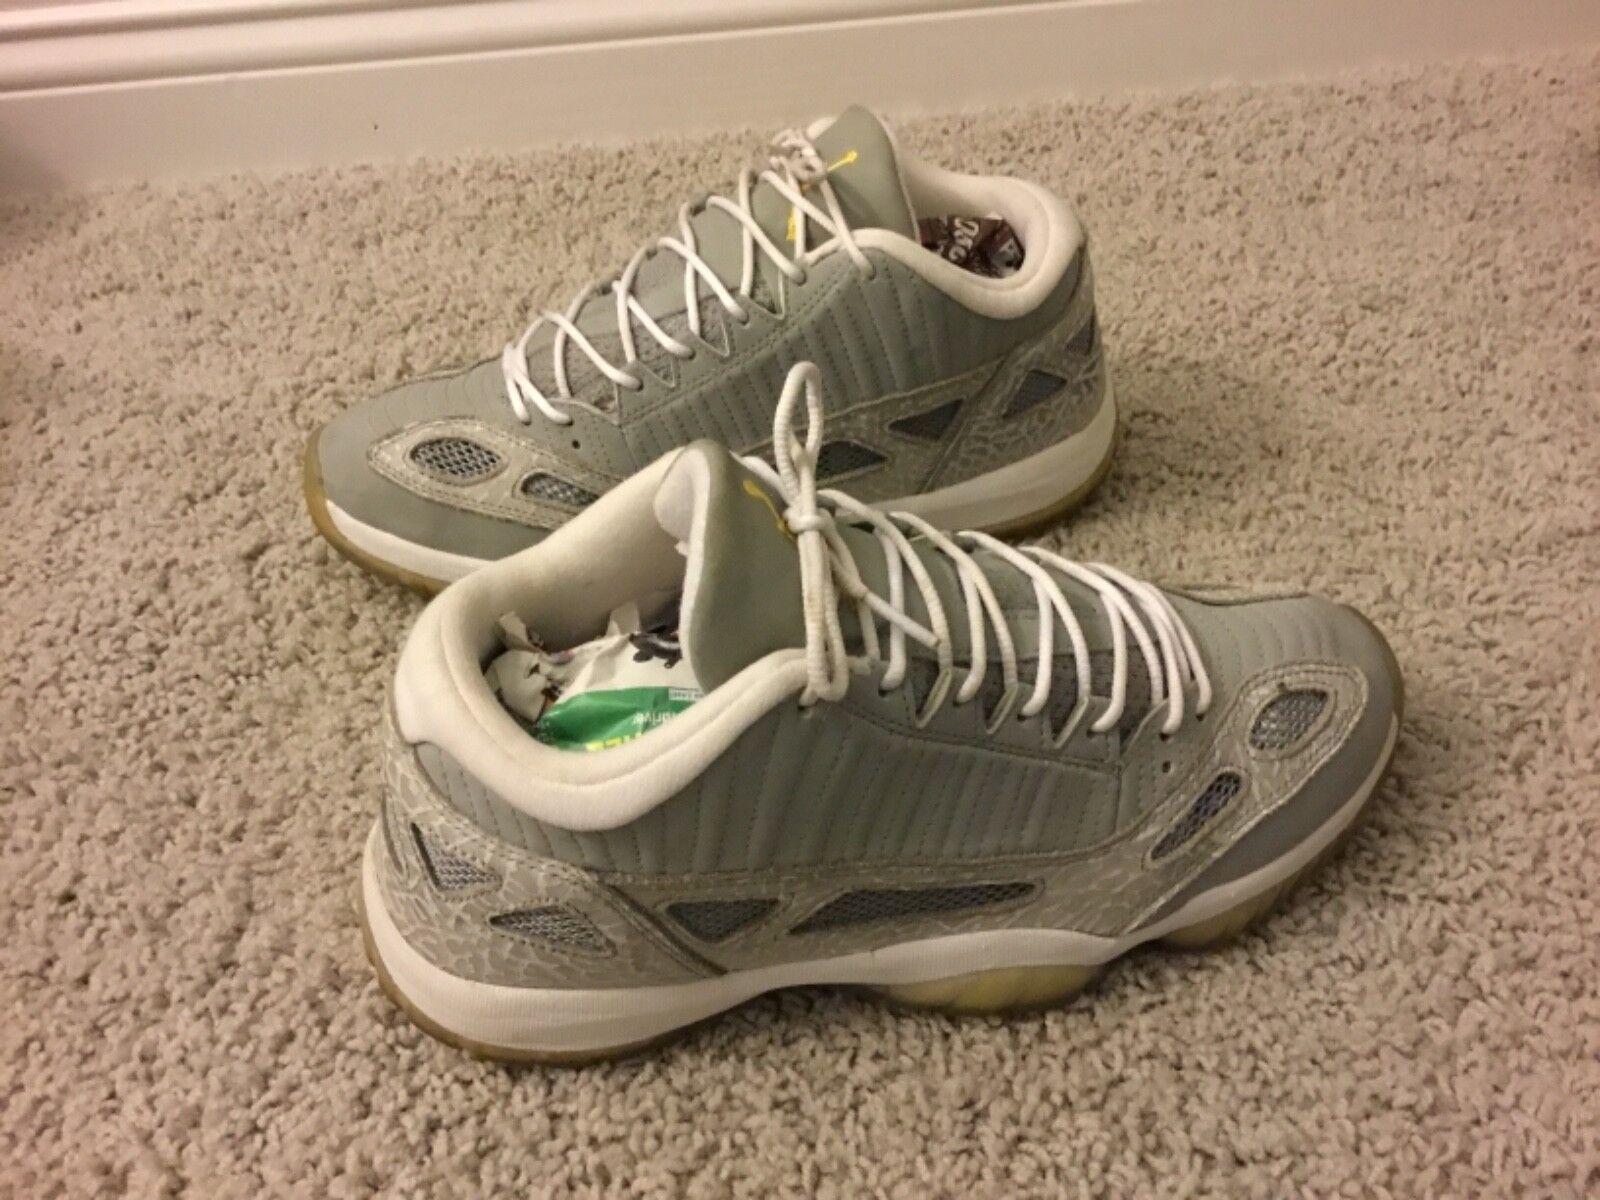 Men's Jordan Xl Retro Basketball Athletic shoes Size 10.5M Multi-color